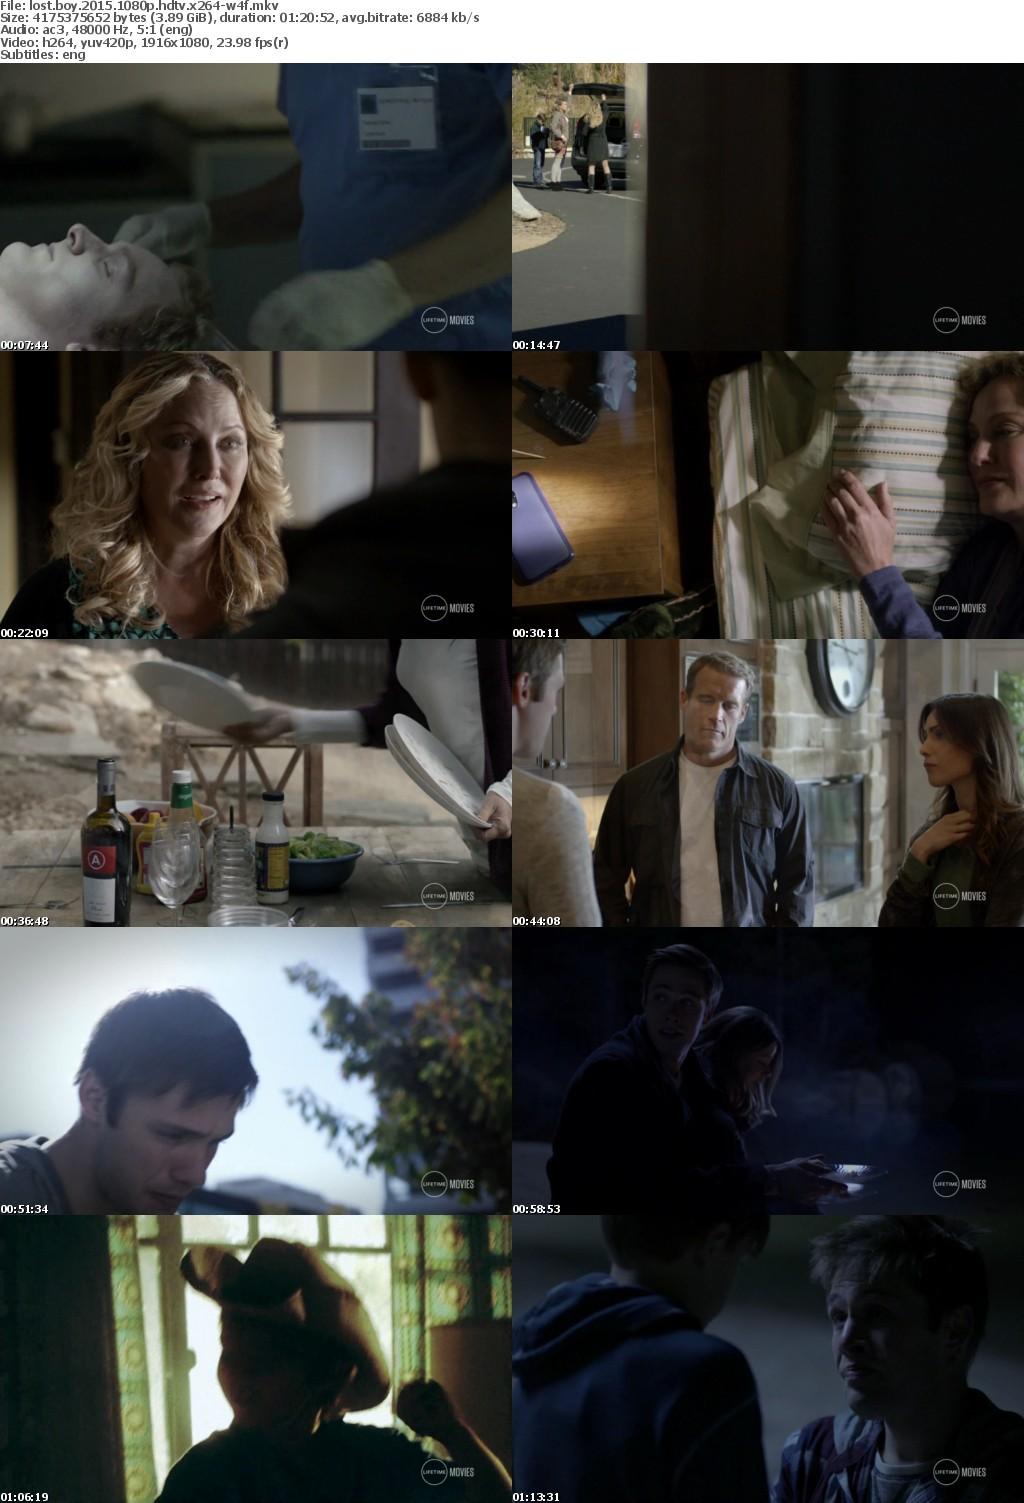 Lost Boy (2015) 1080p HDTV x264-W4F